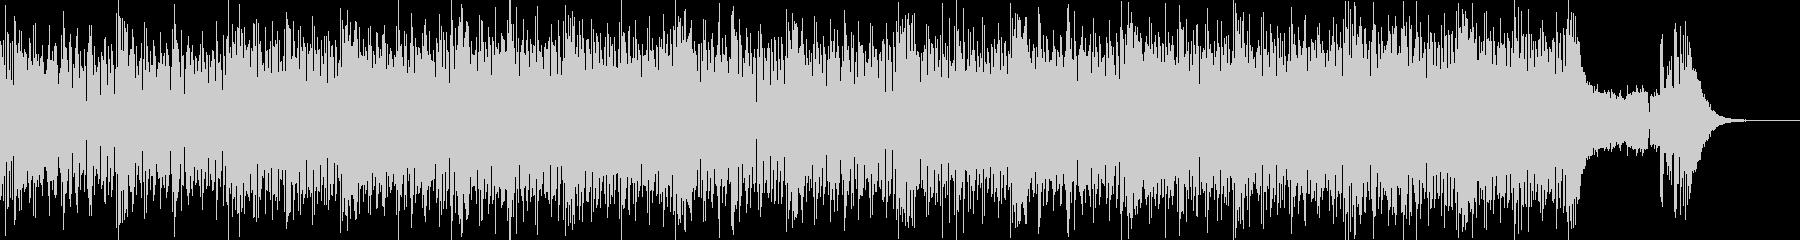 軽快なシンセメロのギターロックポップの未再生の波形